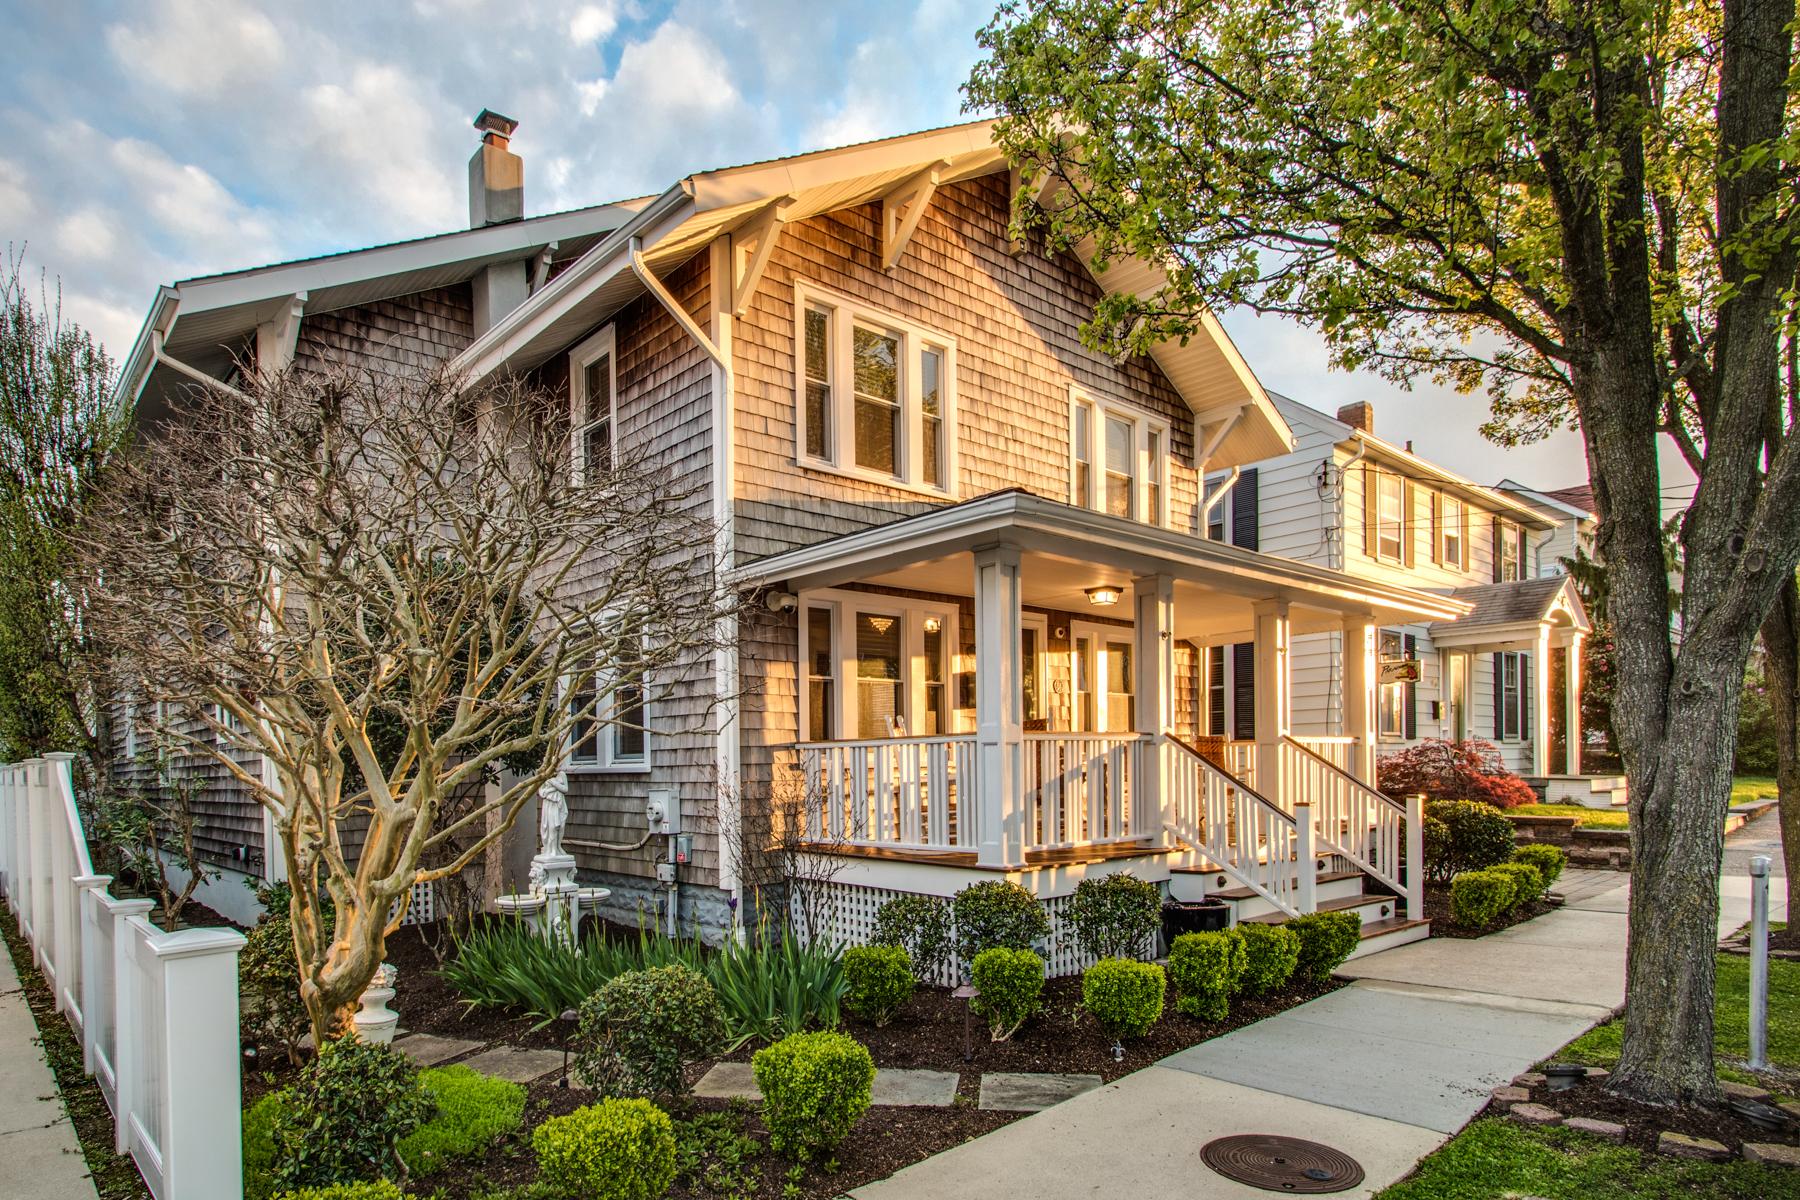 Частный односемейный дом для того Продажа на 54 Delaware Avenue , Rehoboth Beach, DE 19971 54 Delaware Ave, Rehoboth Beach, Делавэр 19971 Соединенные Штаты